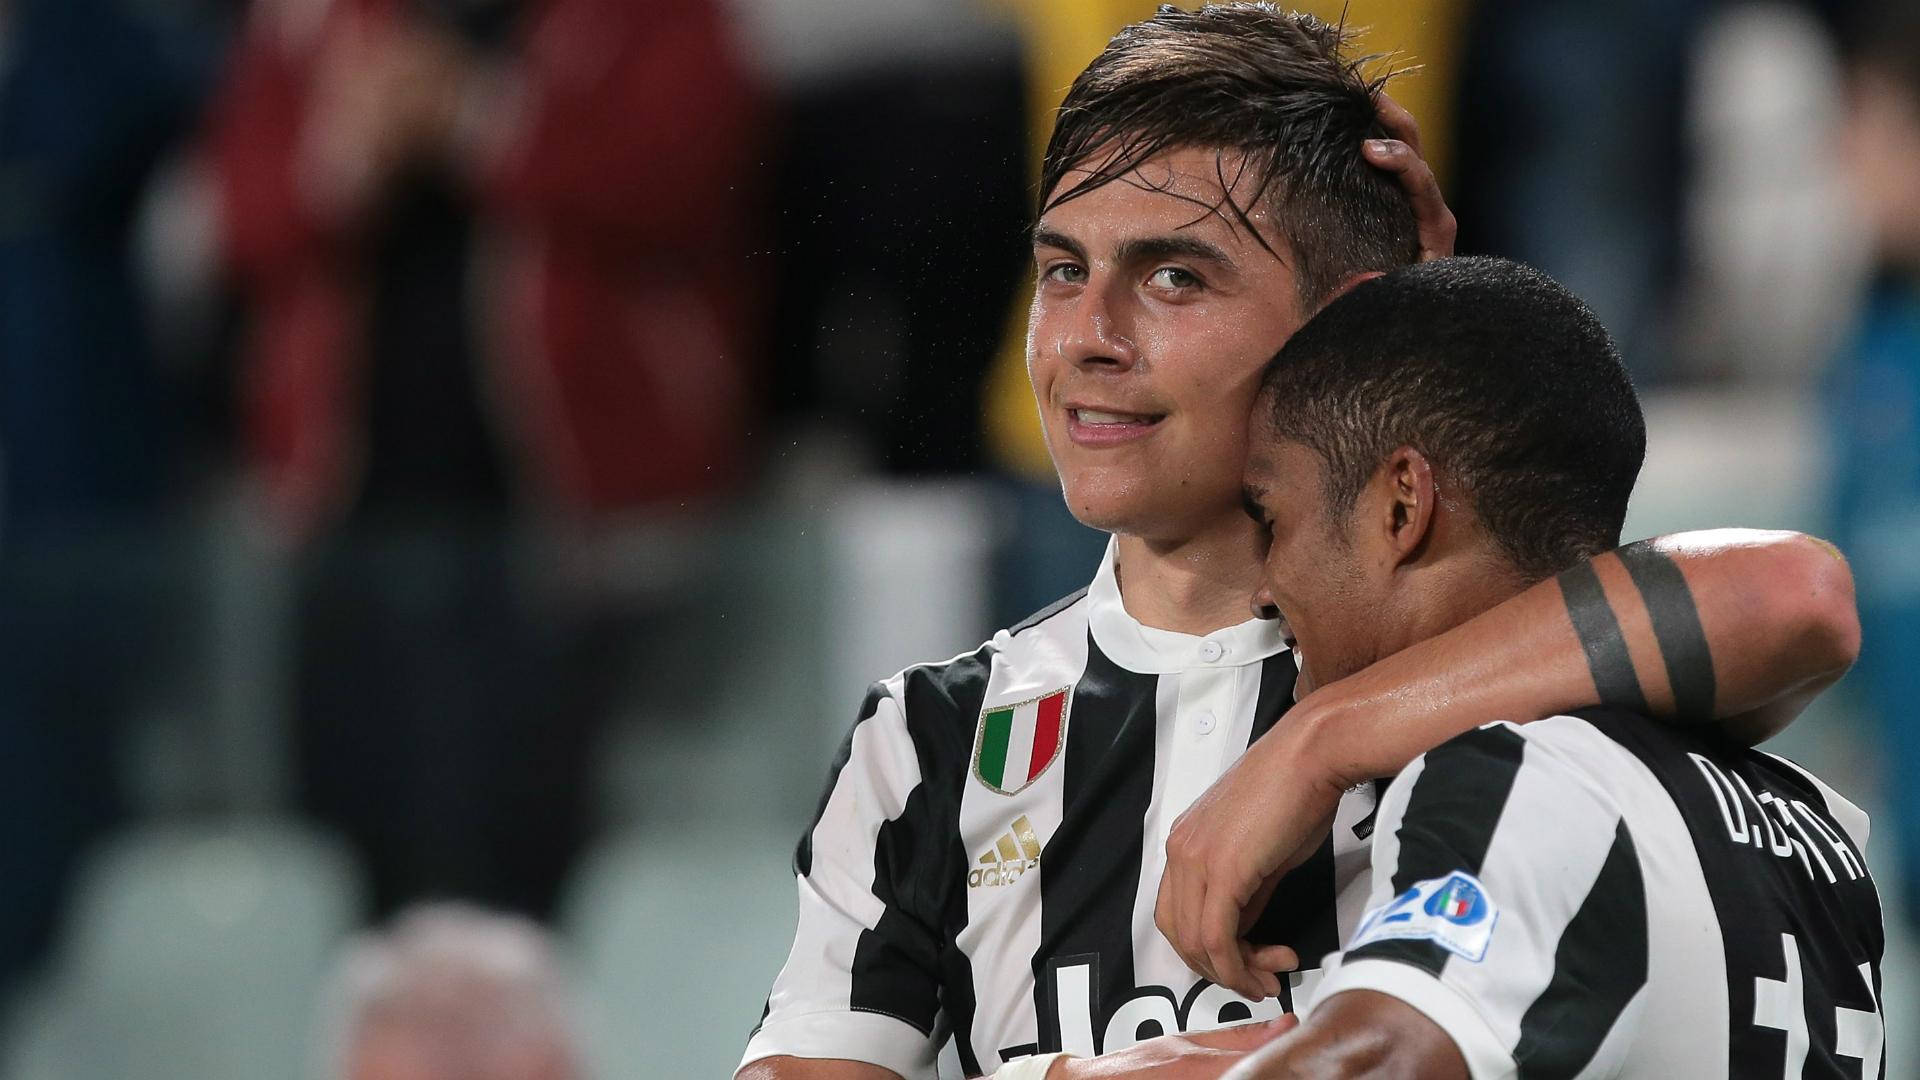 """Juventus - Douglas Costa : """"Le meilleur joueur de l'équipe, c'est Dybala"""""""